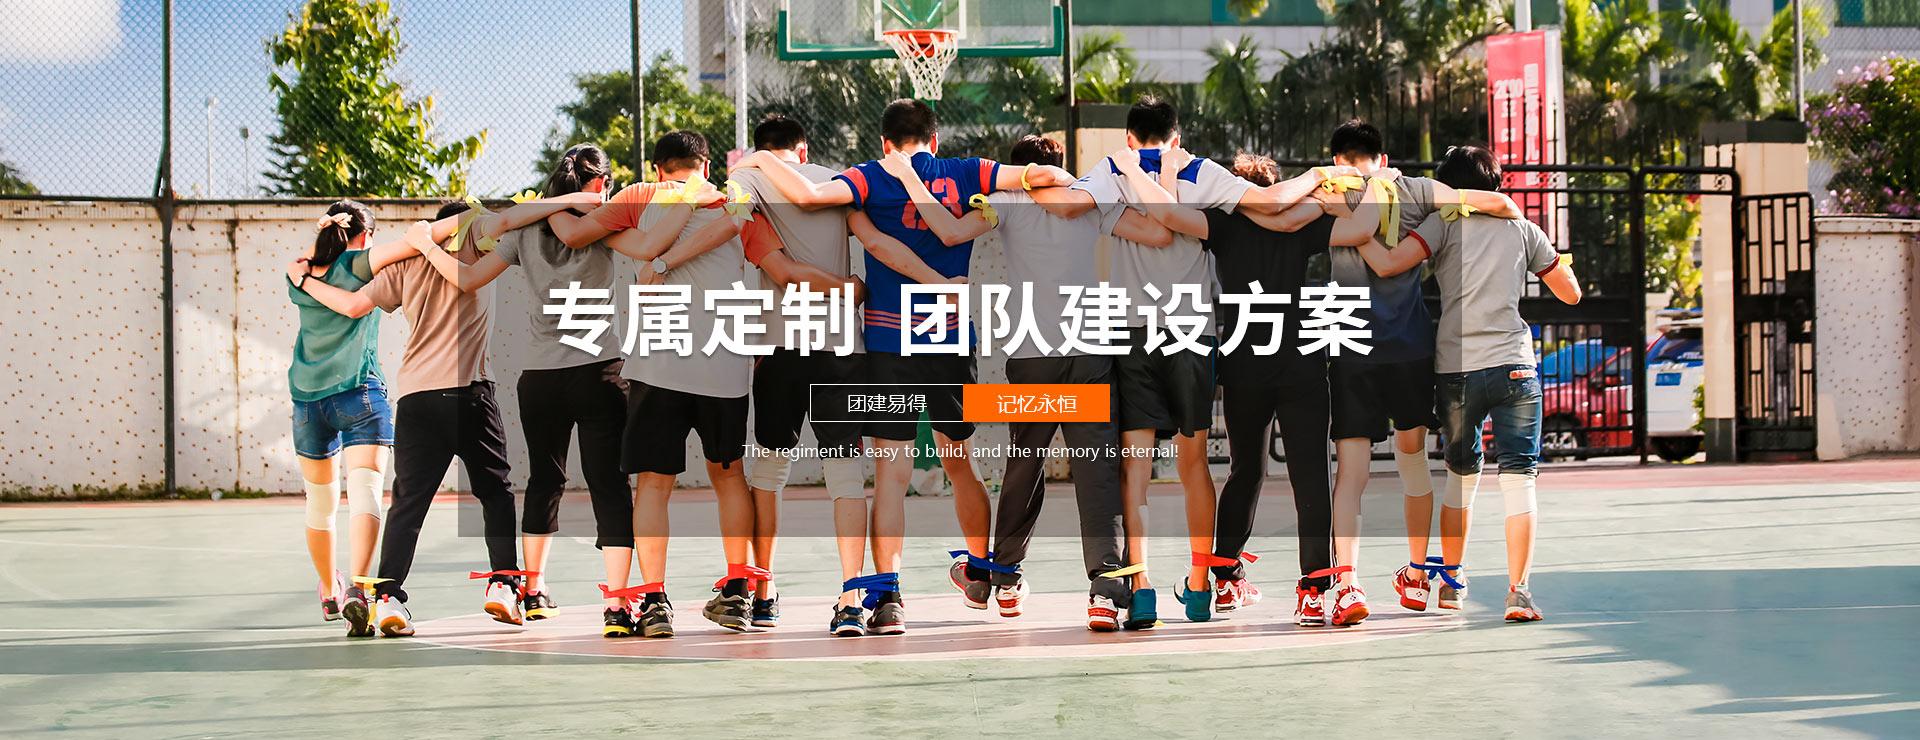 重庆团建活动